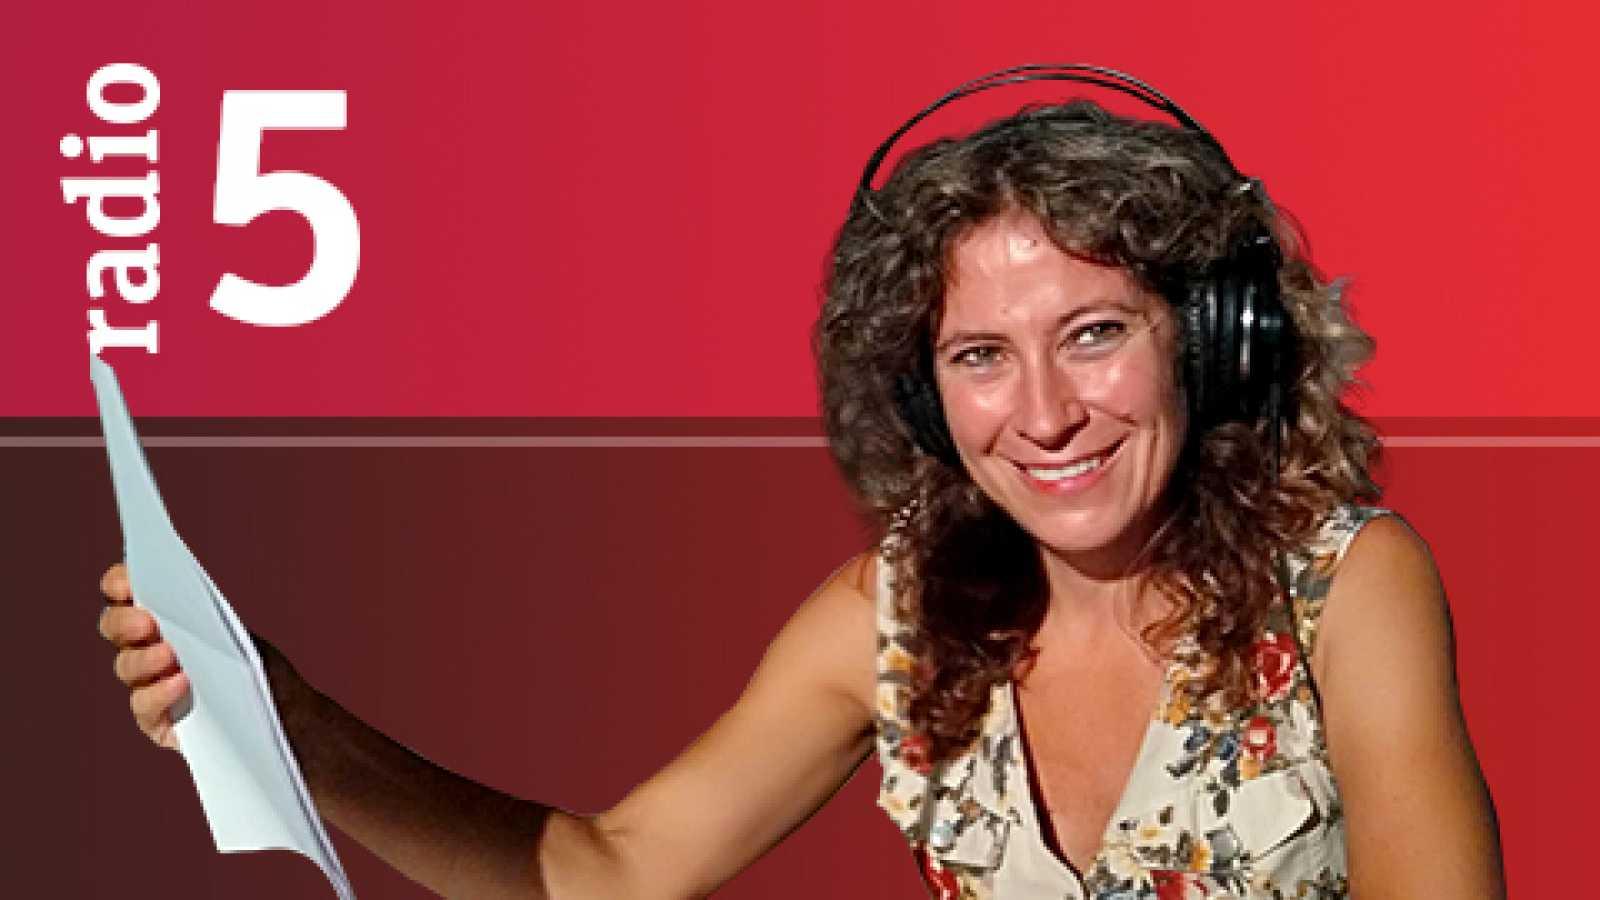 En primera persona - Autoestima flamenca - 02/09/14 - escuchar ahora